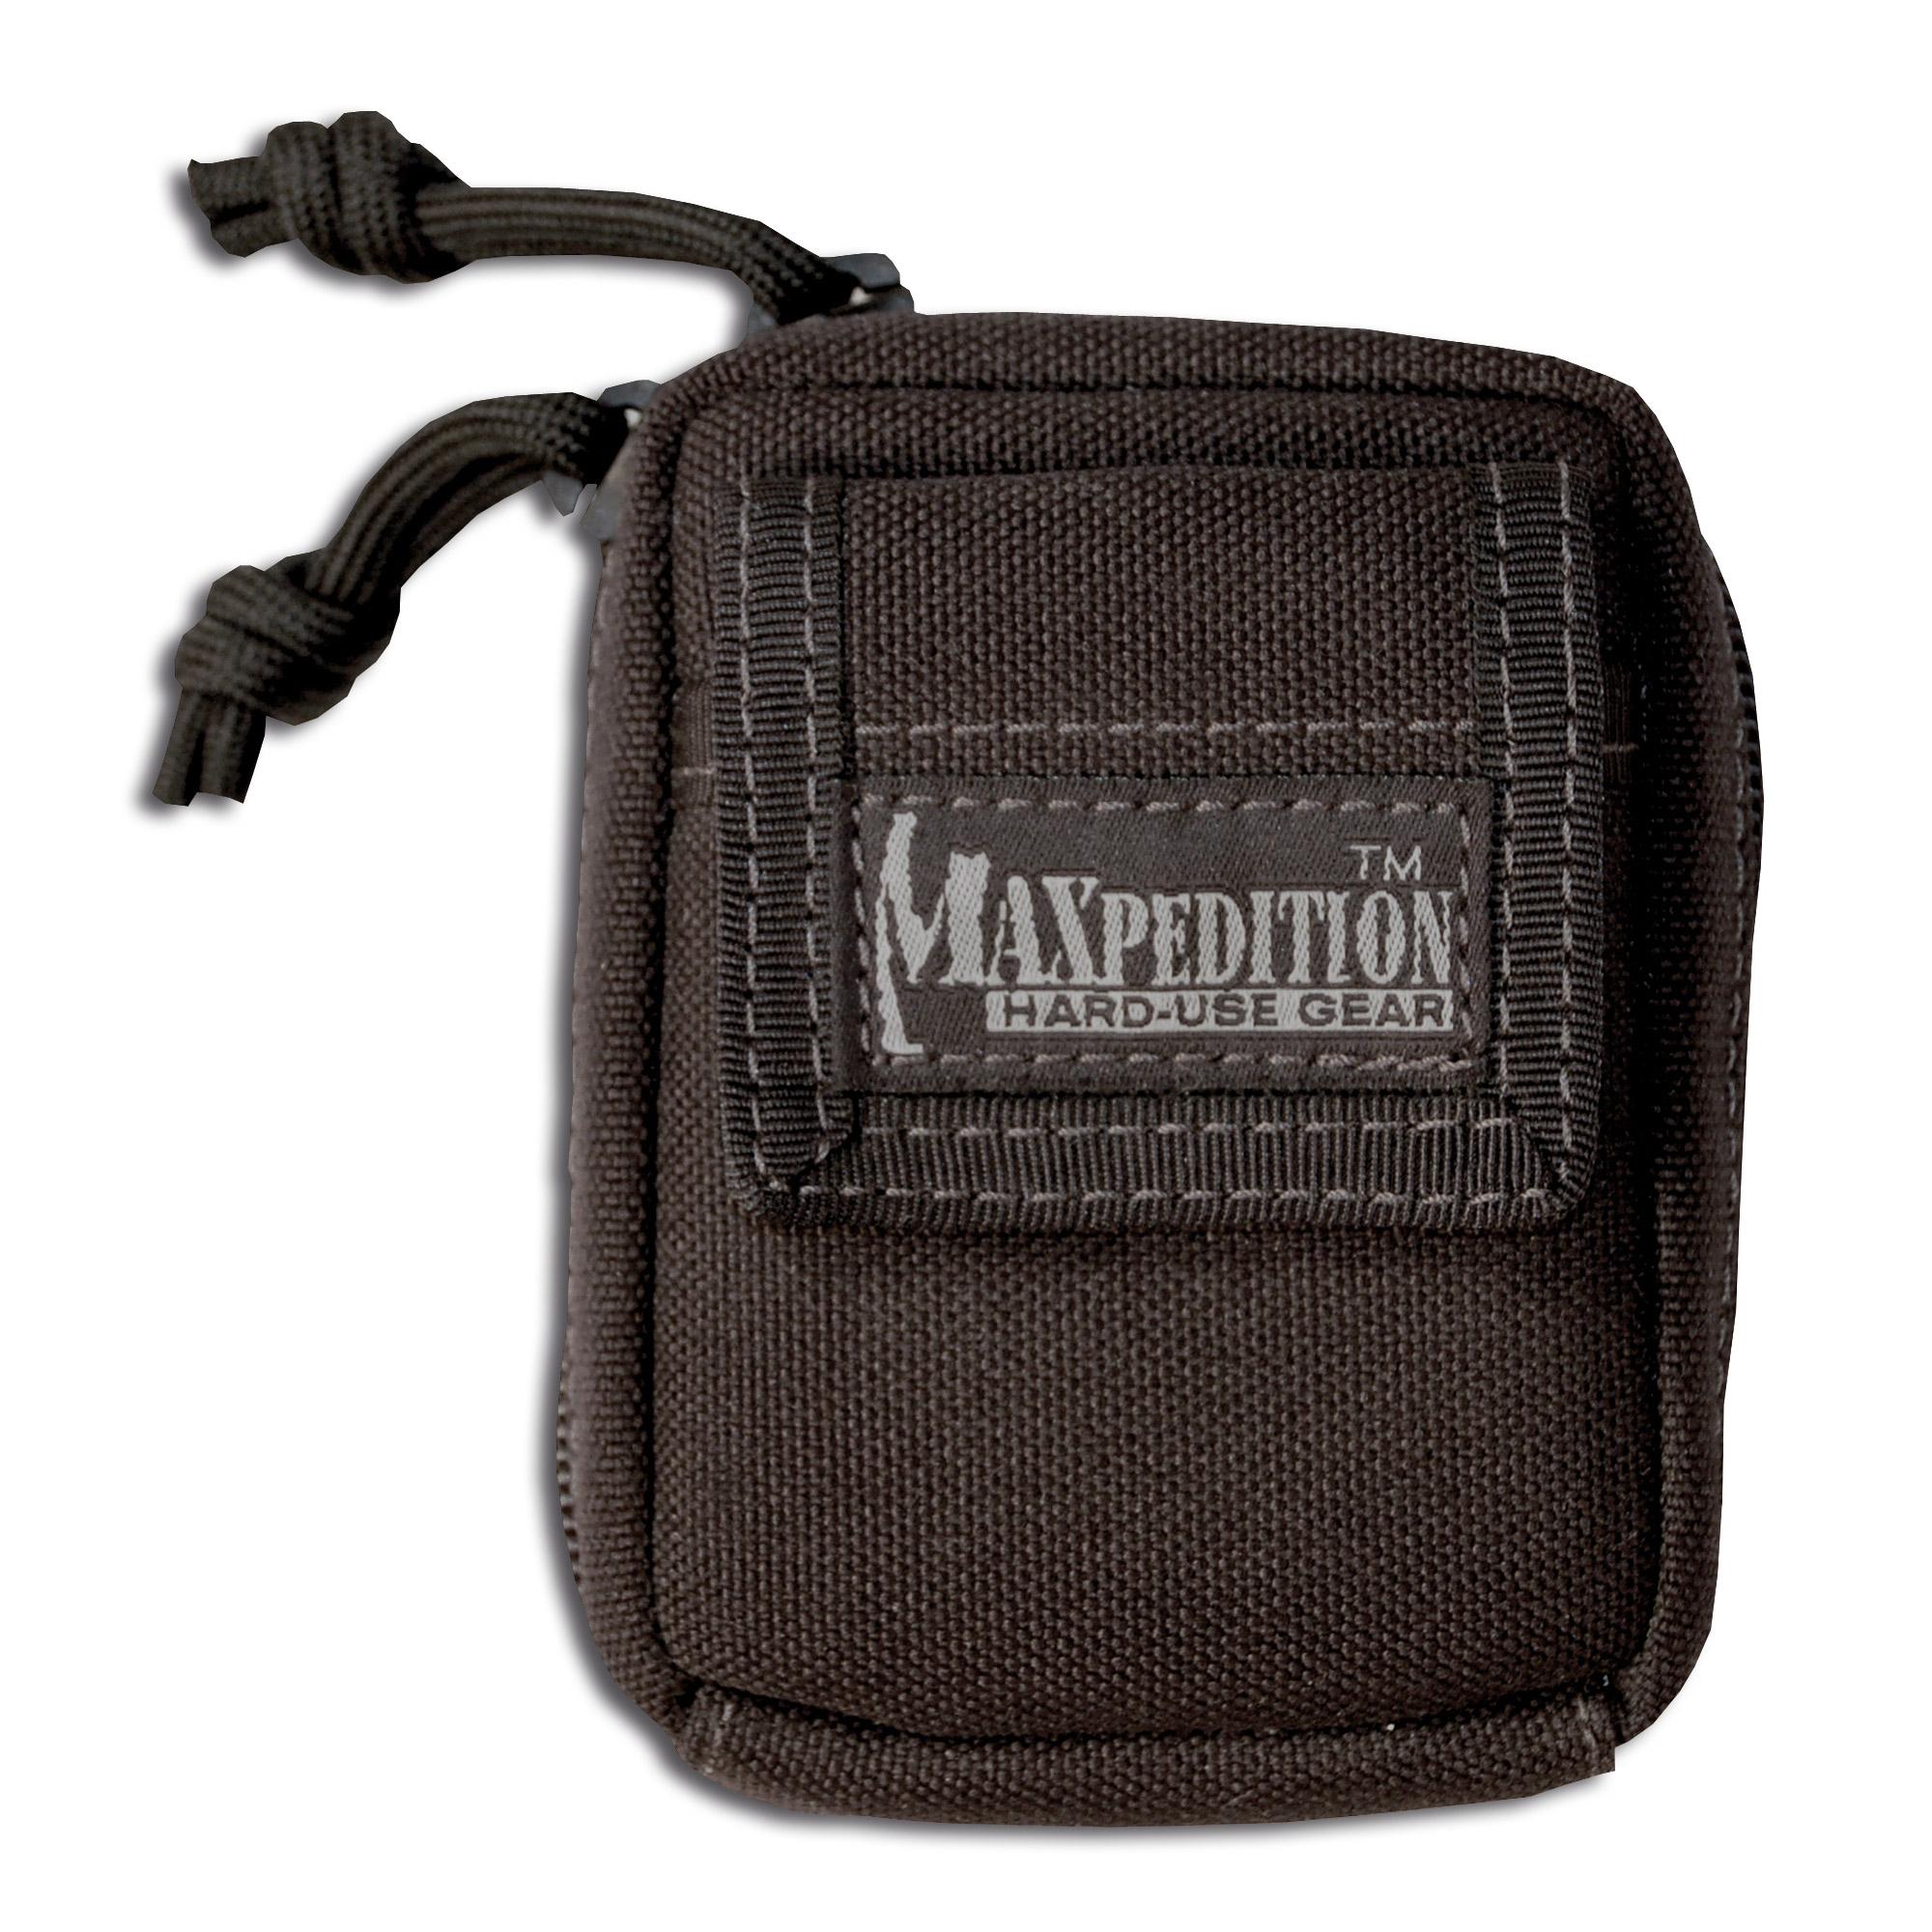 Maxpedition Barnacle black